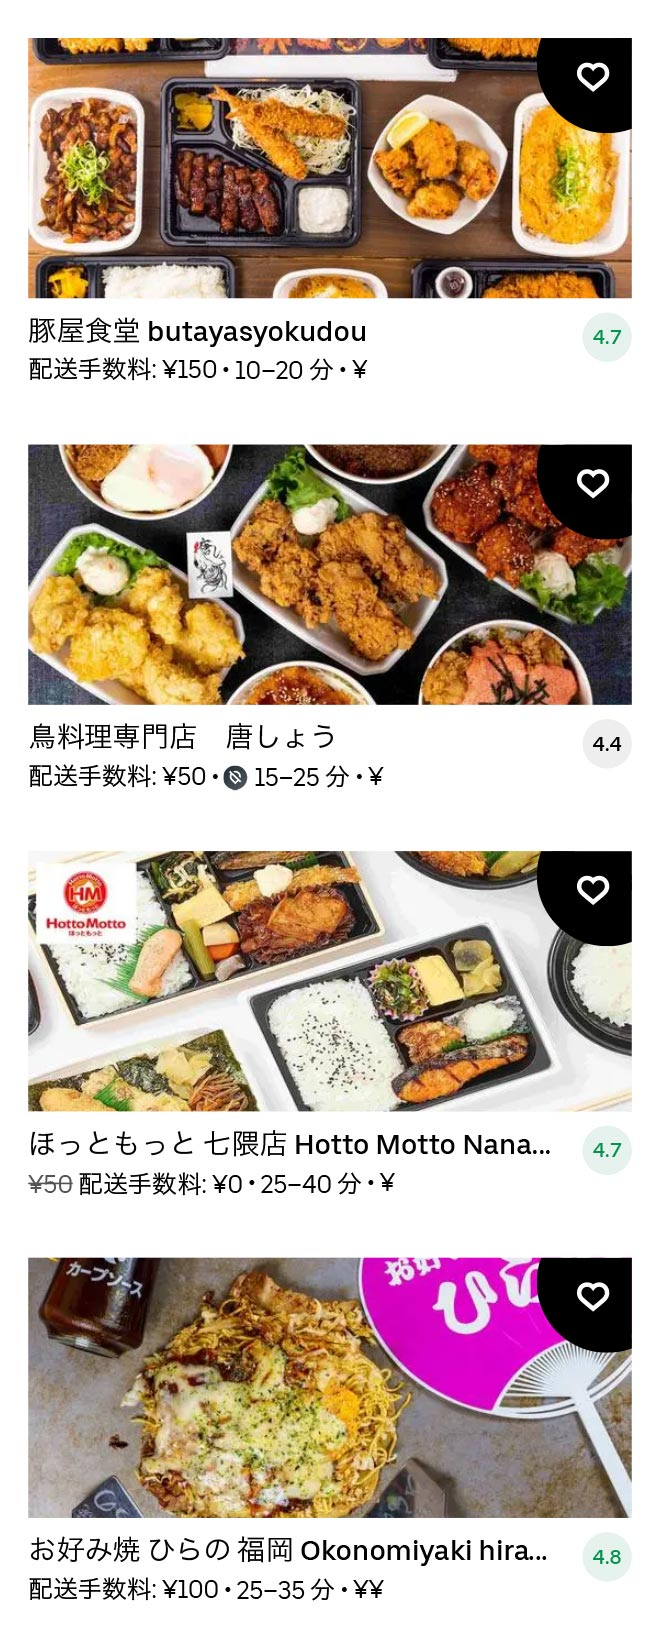 Nanakuma menu 2101 02